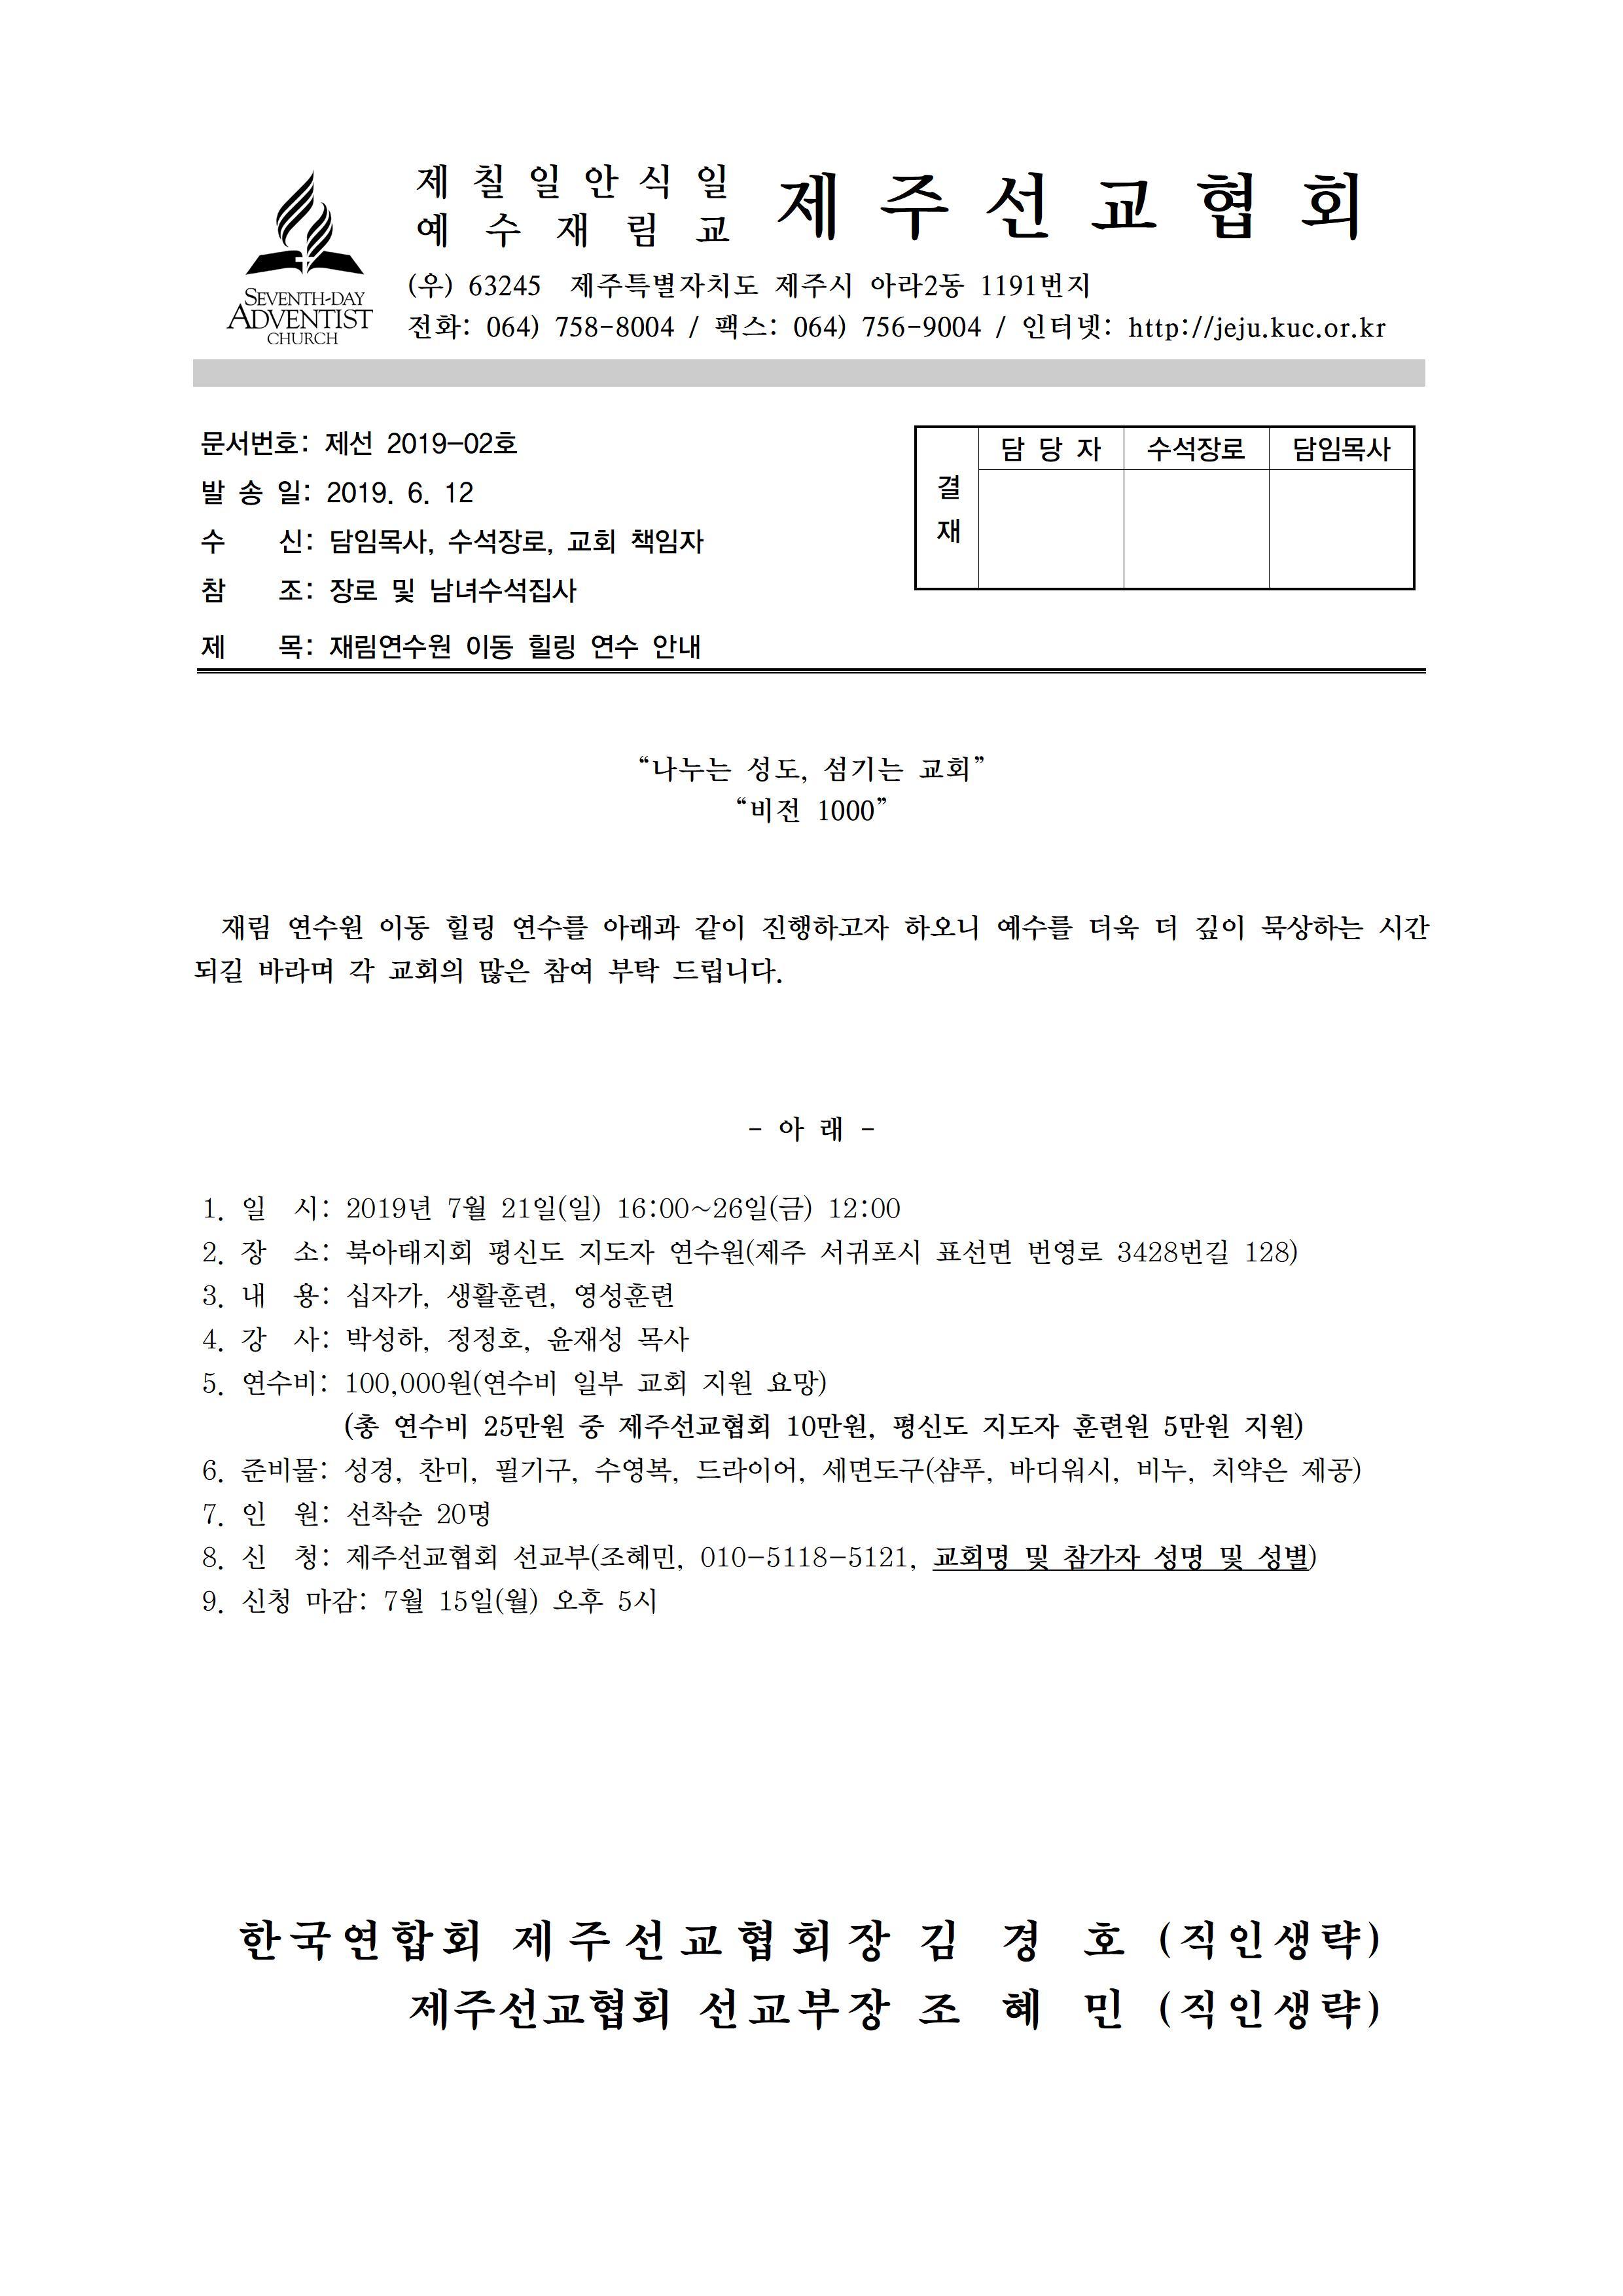 공문_이동재림연수.jpg